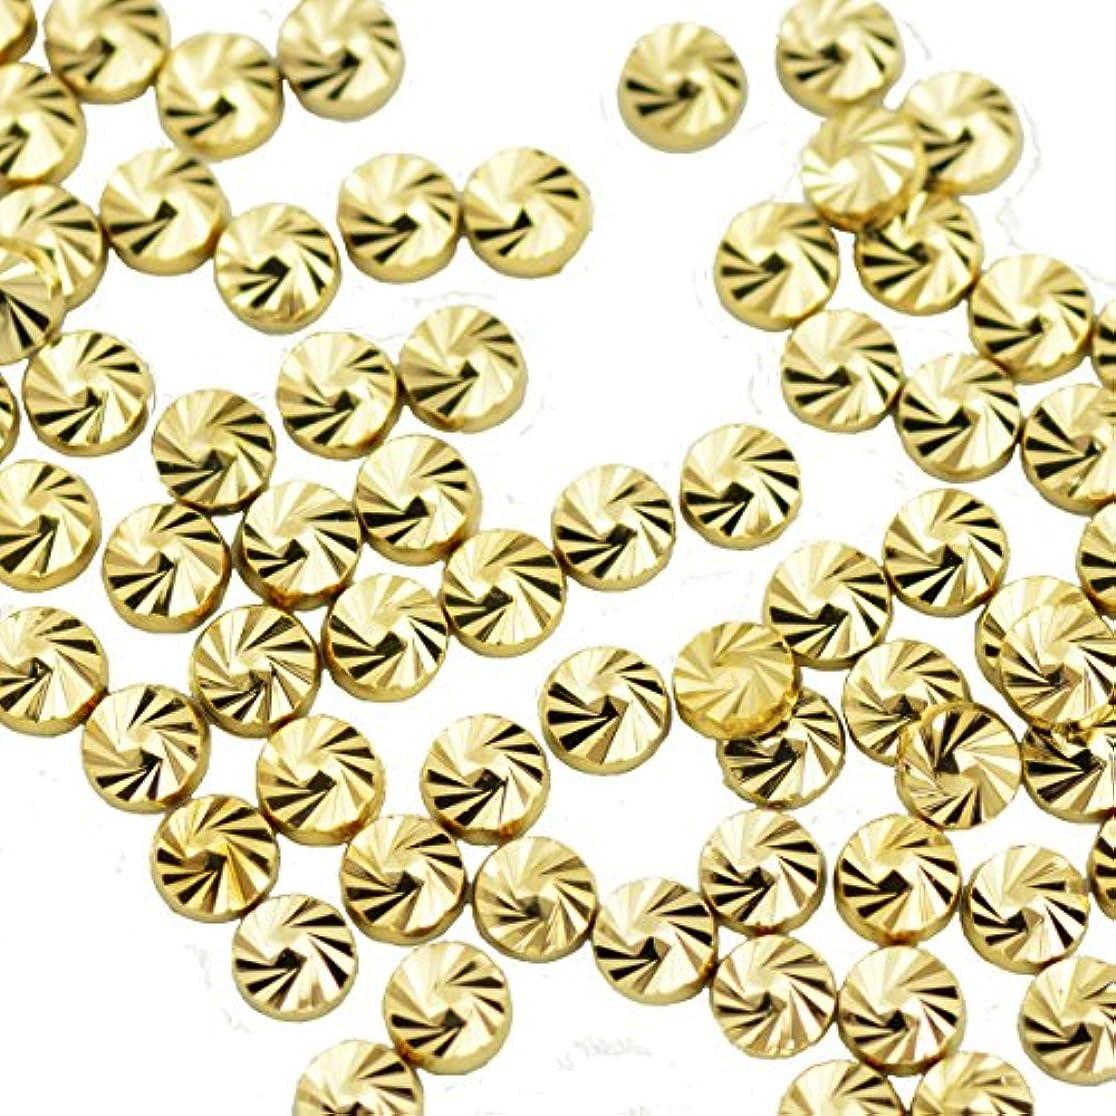 ハードリングブラスト底Buddy Style ネイルパーツ デコパーツ スタッズ コインスタッズ ゴールド 1.8mm 20個